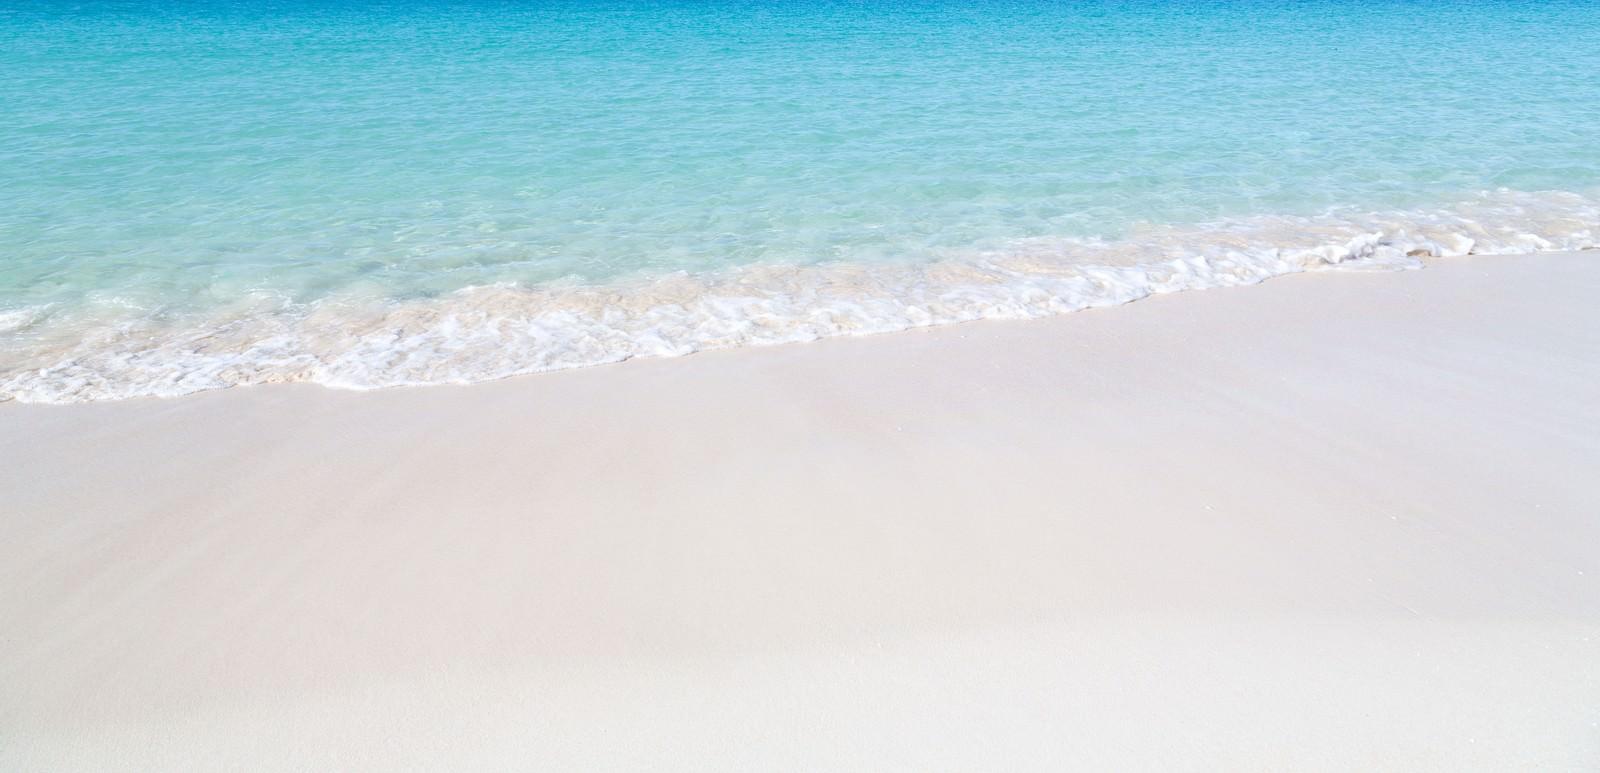 「美しい海と波打ち際」の写真